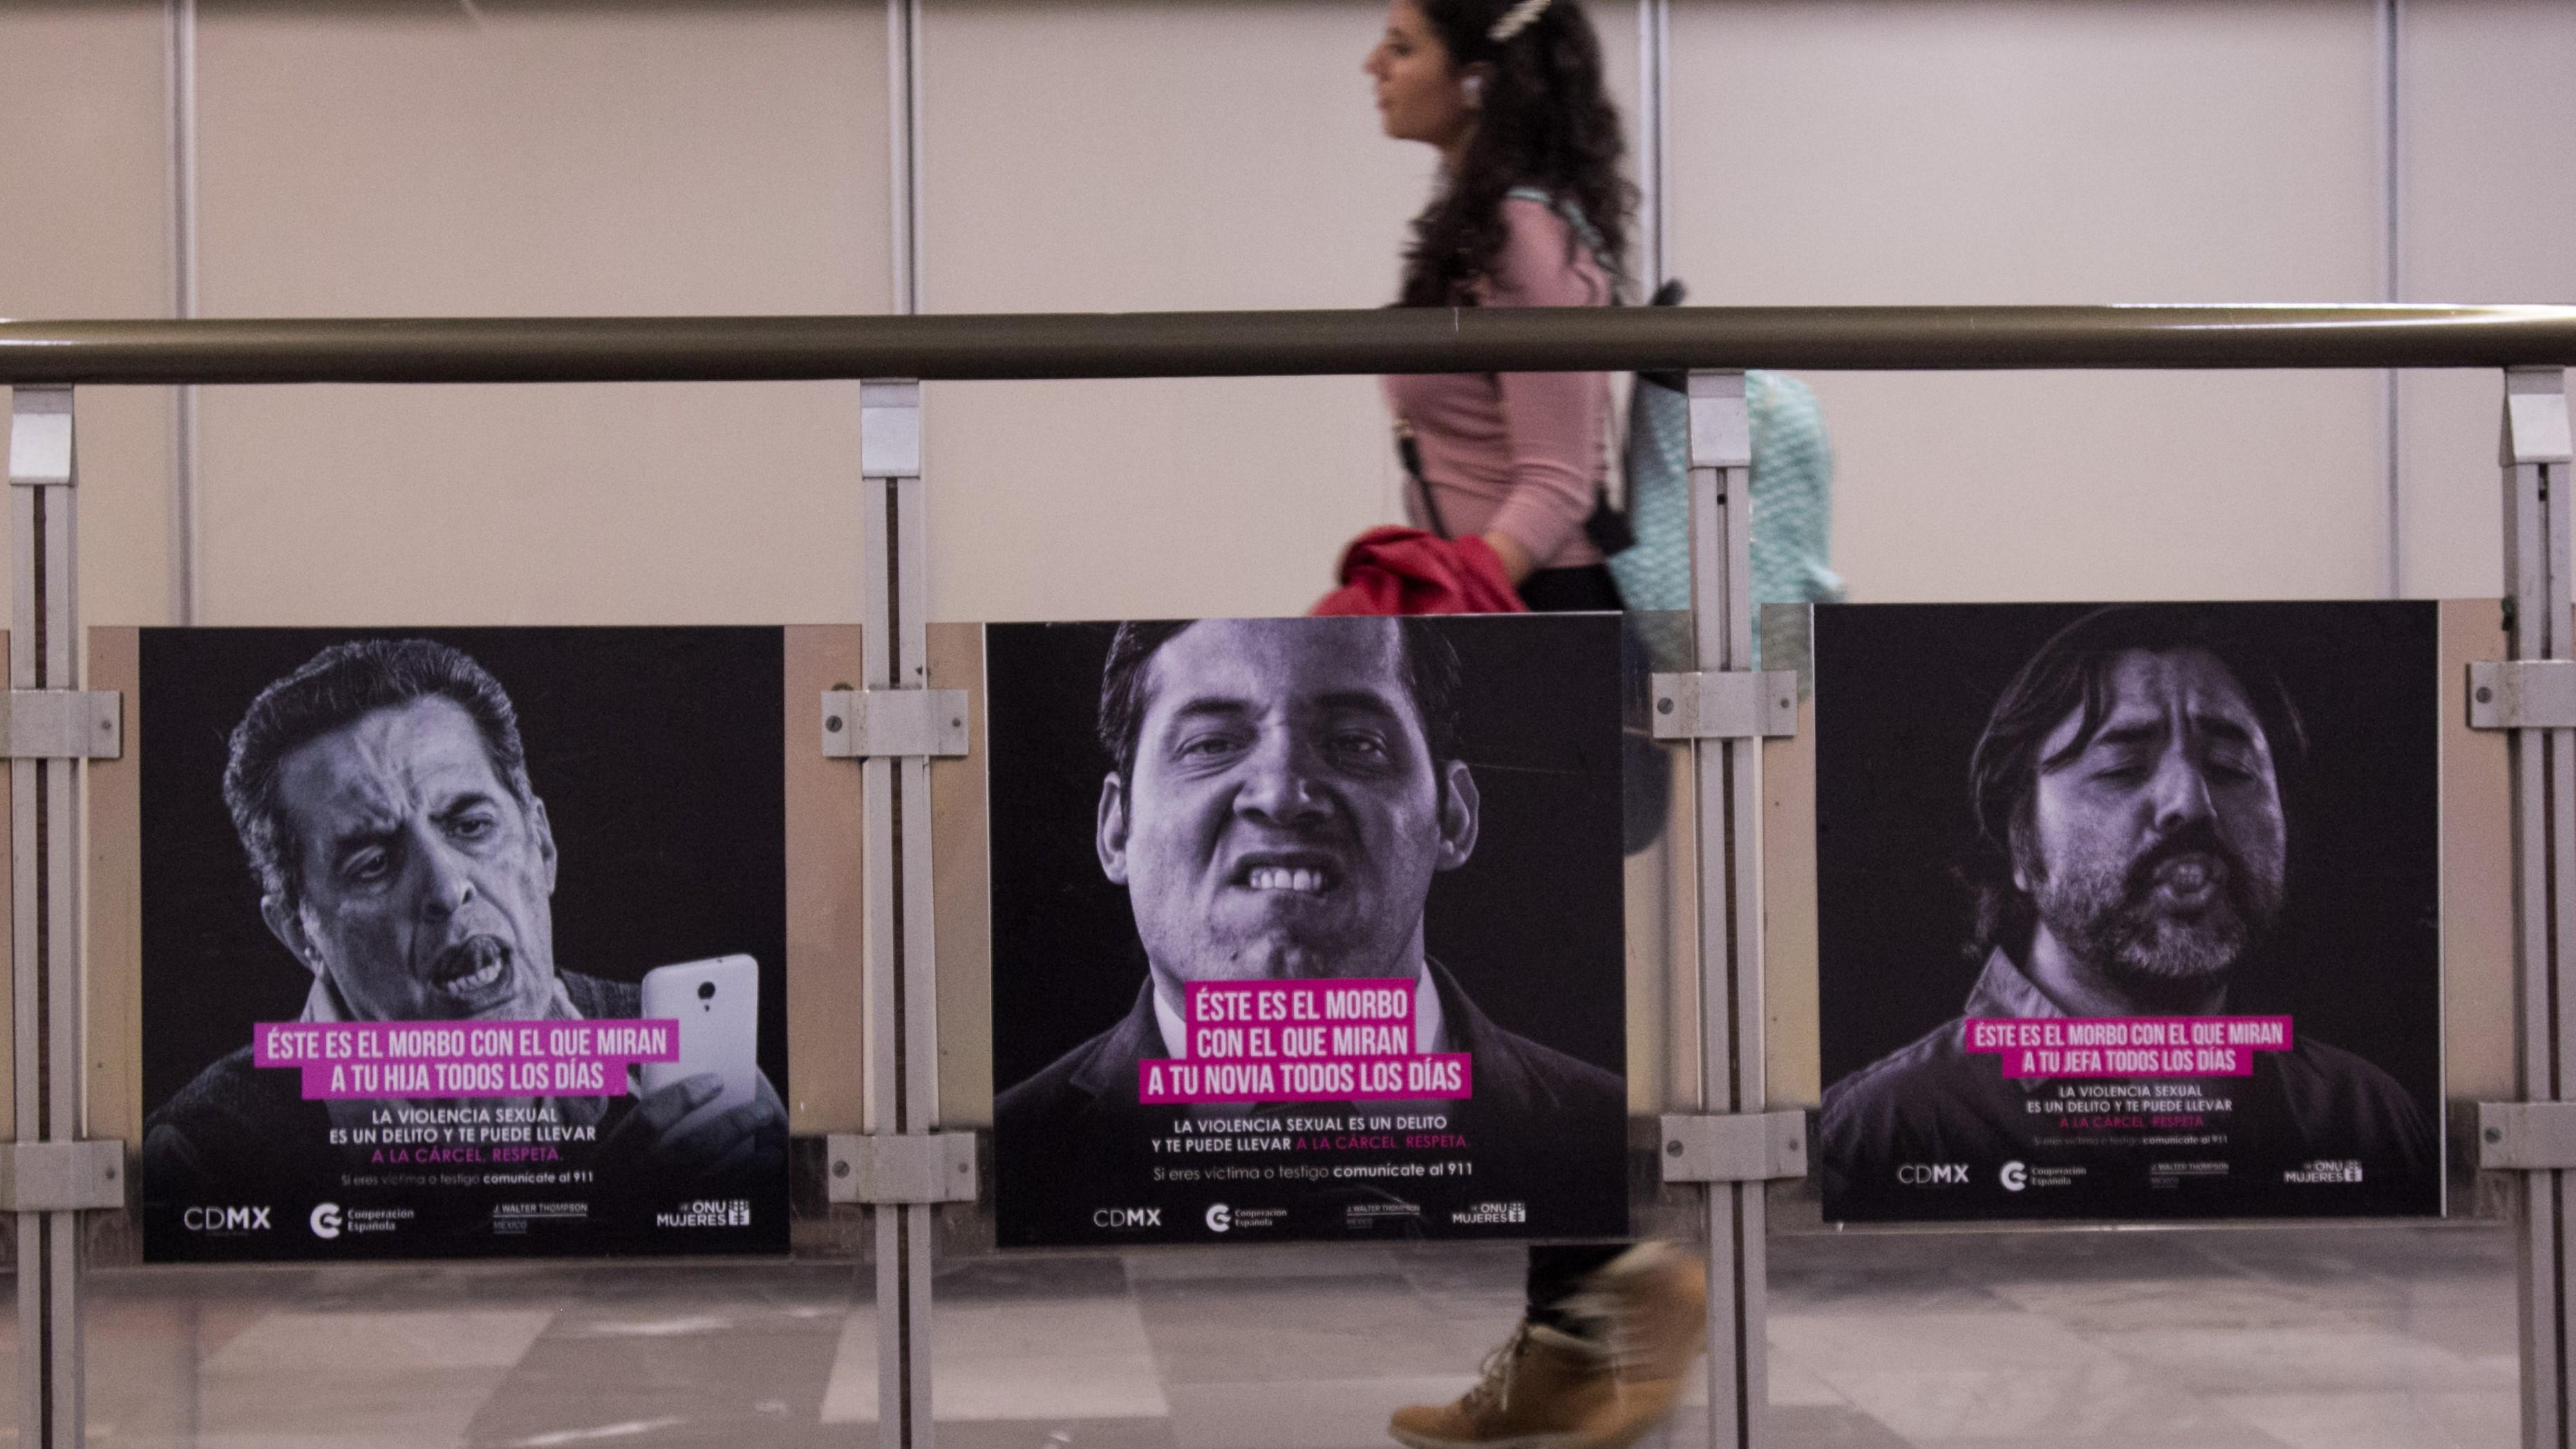 Acoso En Carceles Porno vice - videos de acoso sexual en el metro inundan páginas porno